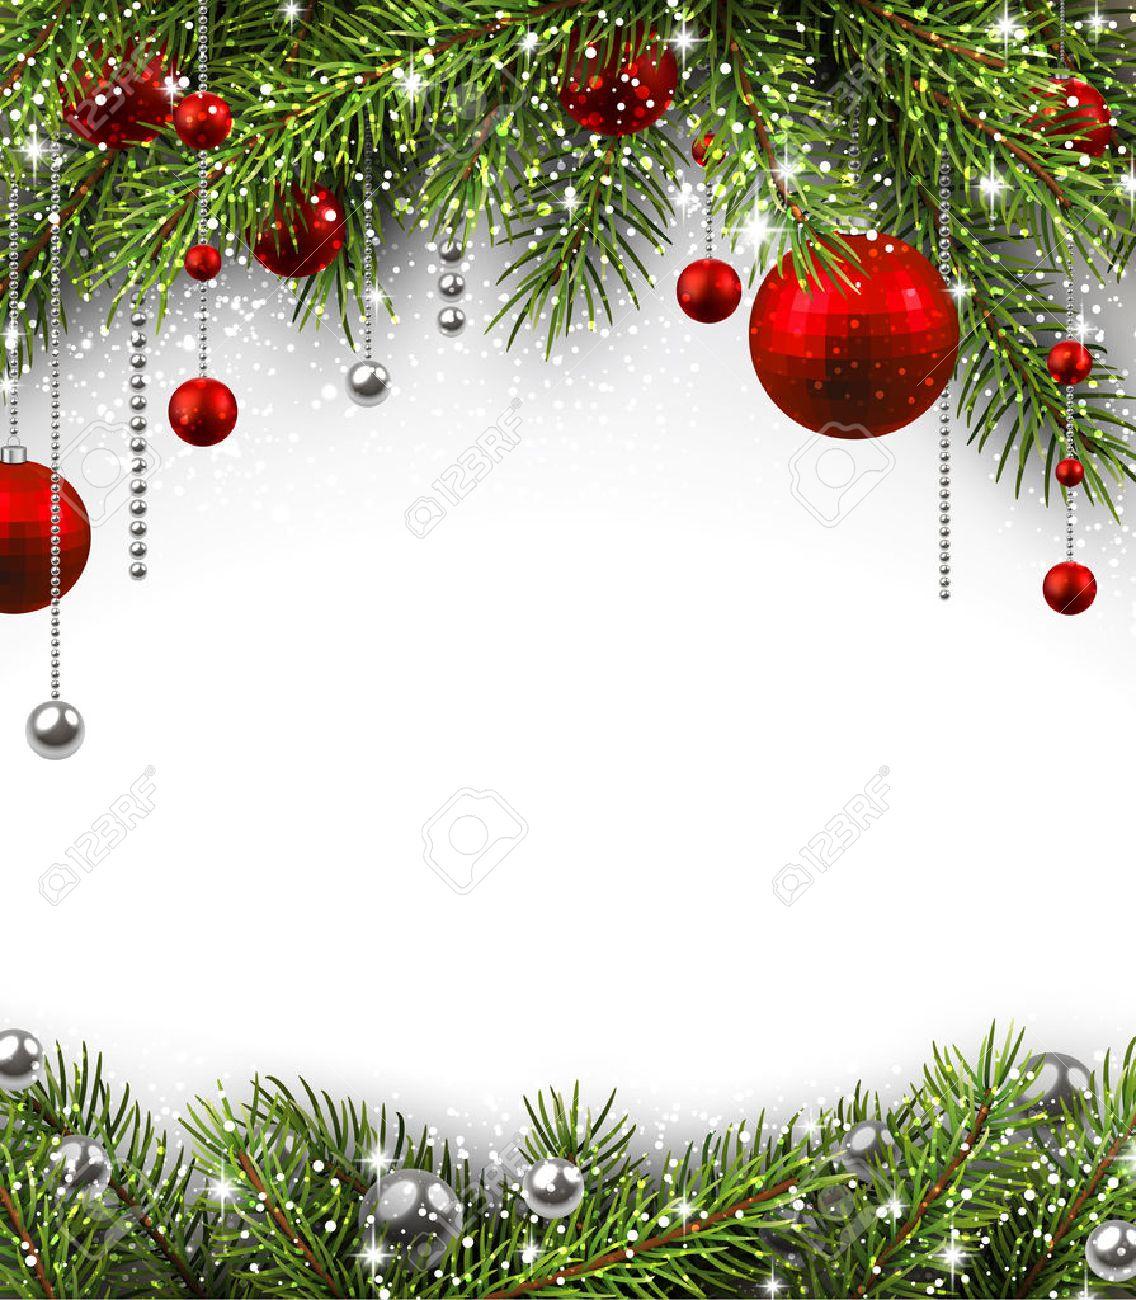 Fein Fotorahmen Frohe Weihnachten Fotos - Benutzerdefinierte ...